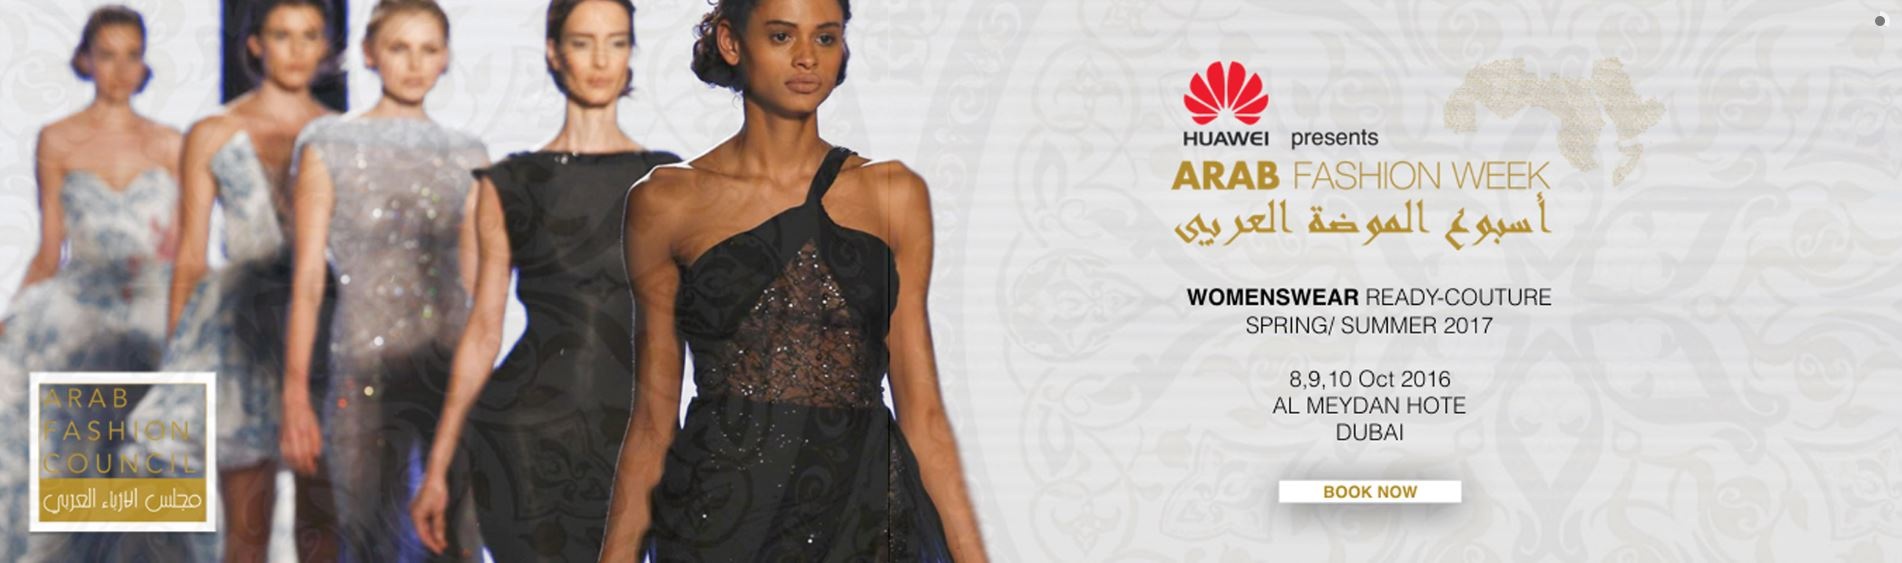 Arab Fashion Week 2016: Review